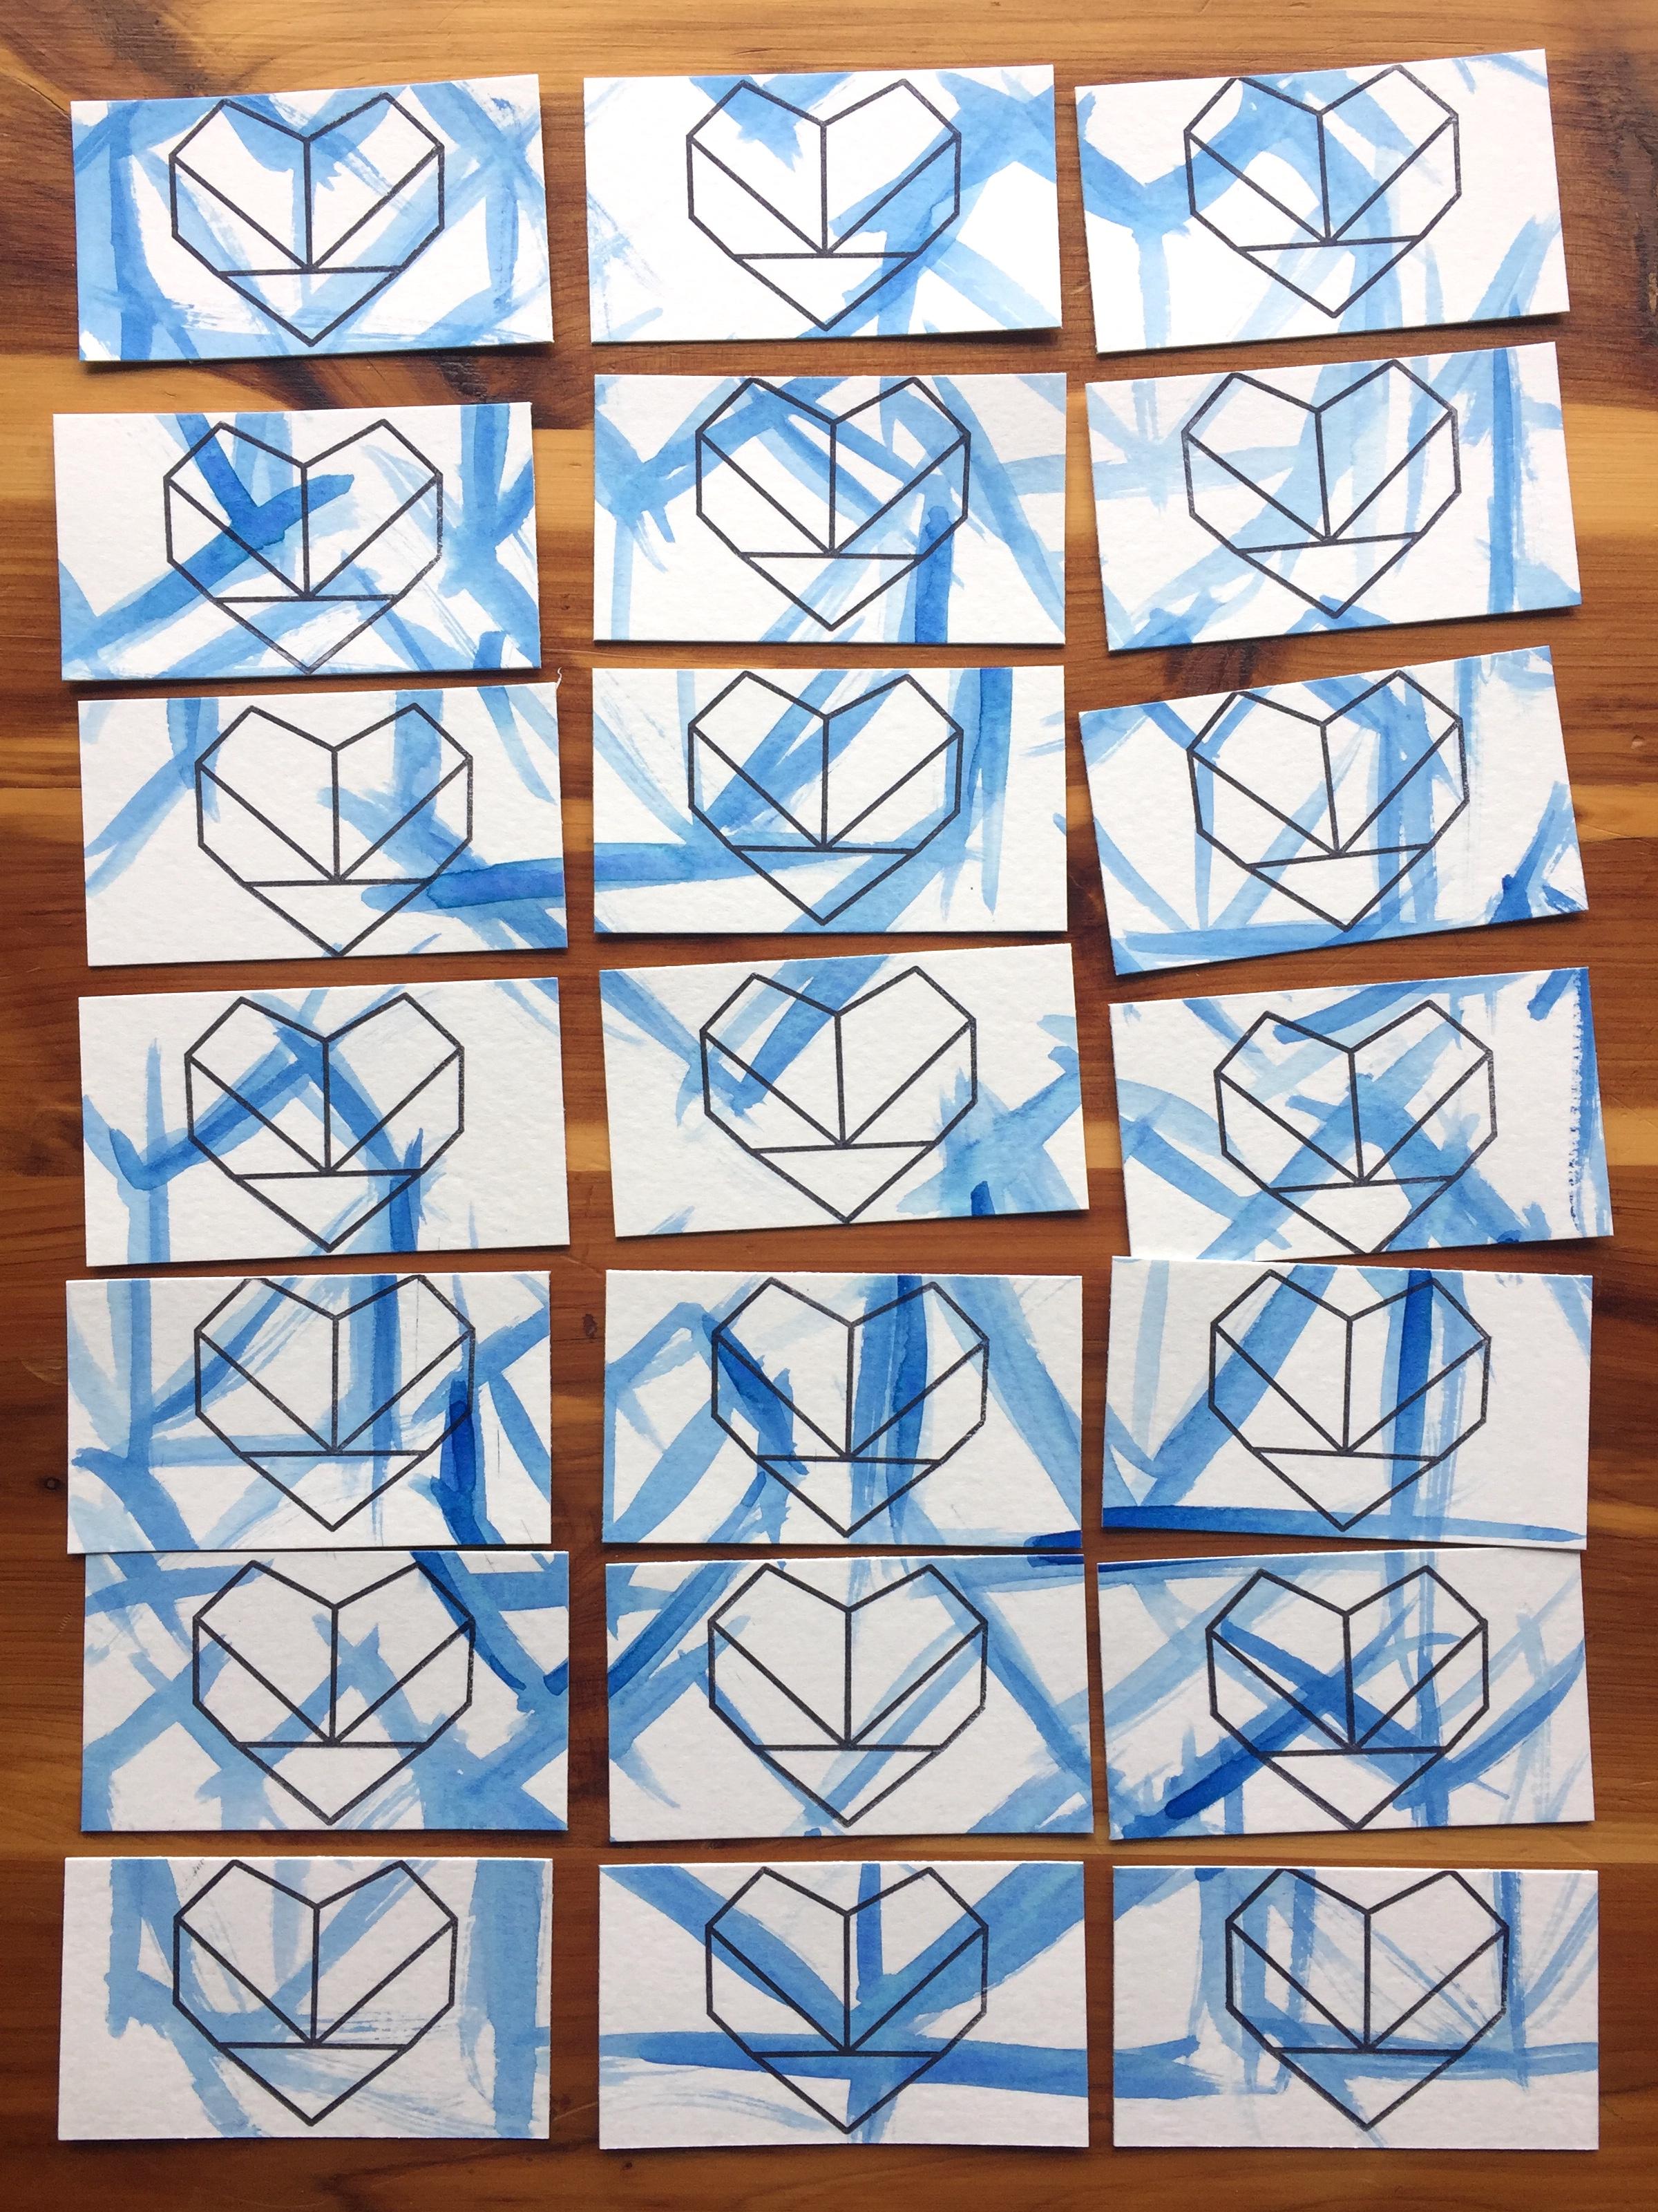 4. Stamp